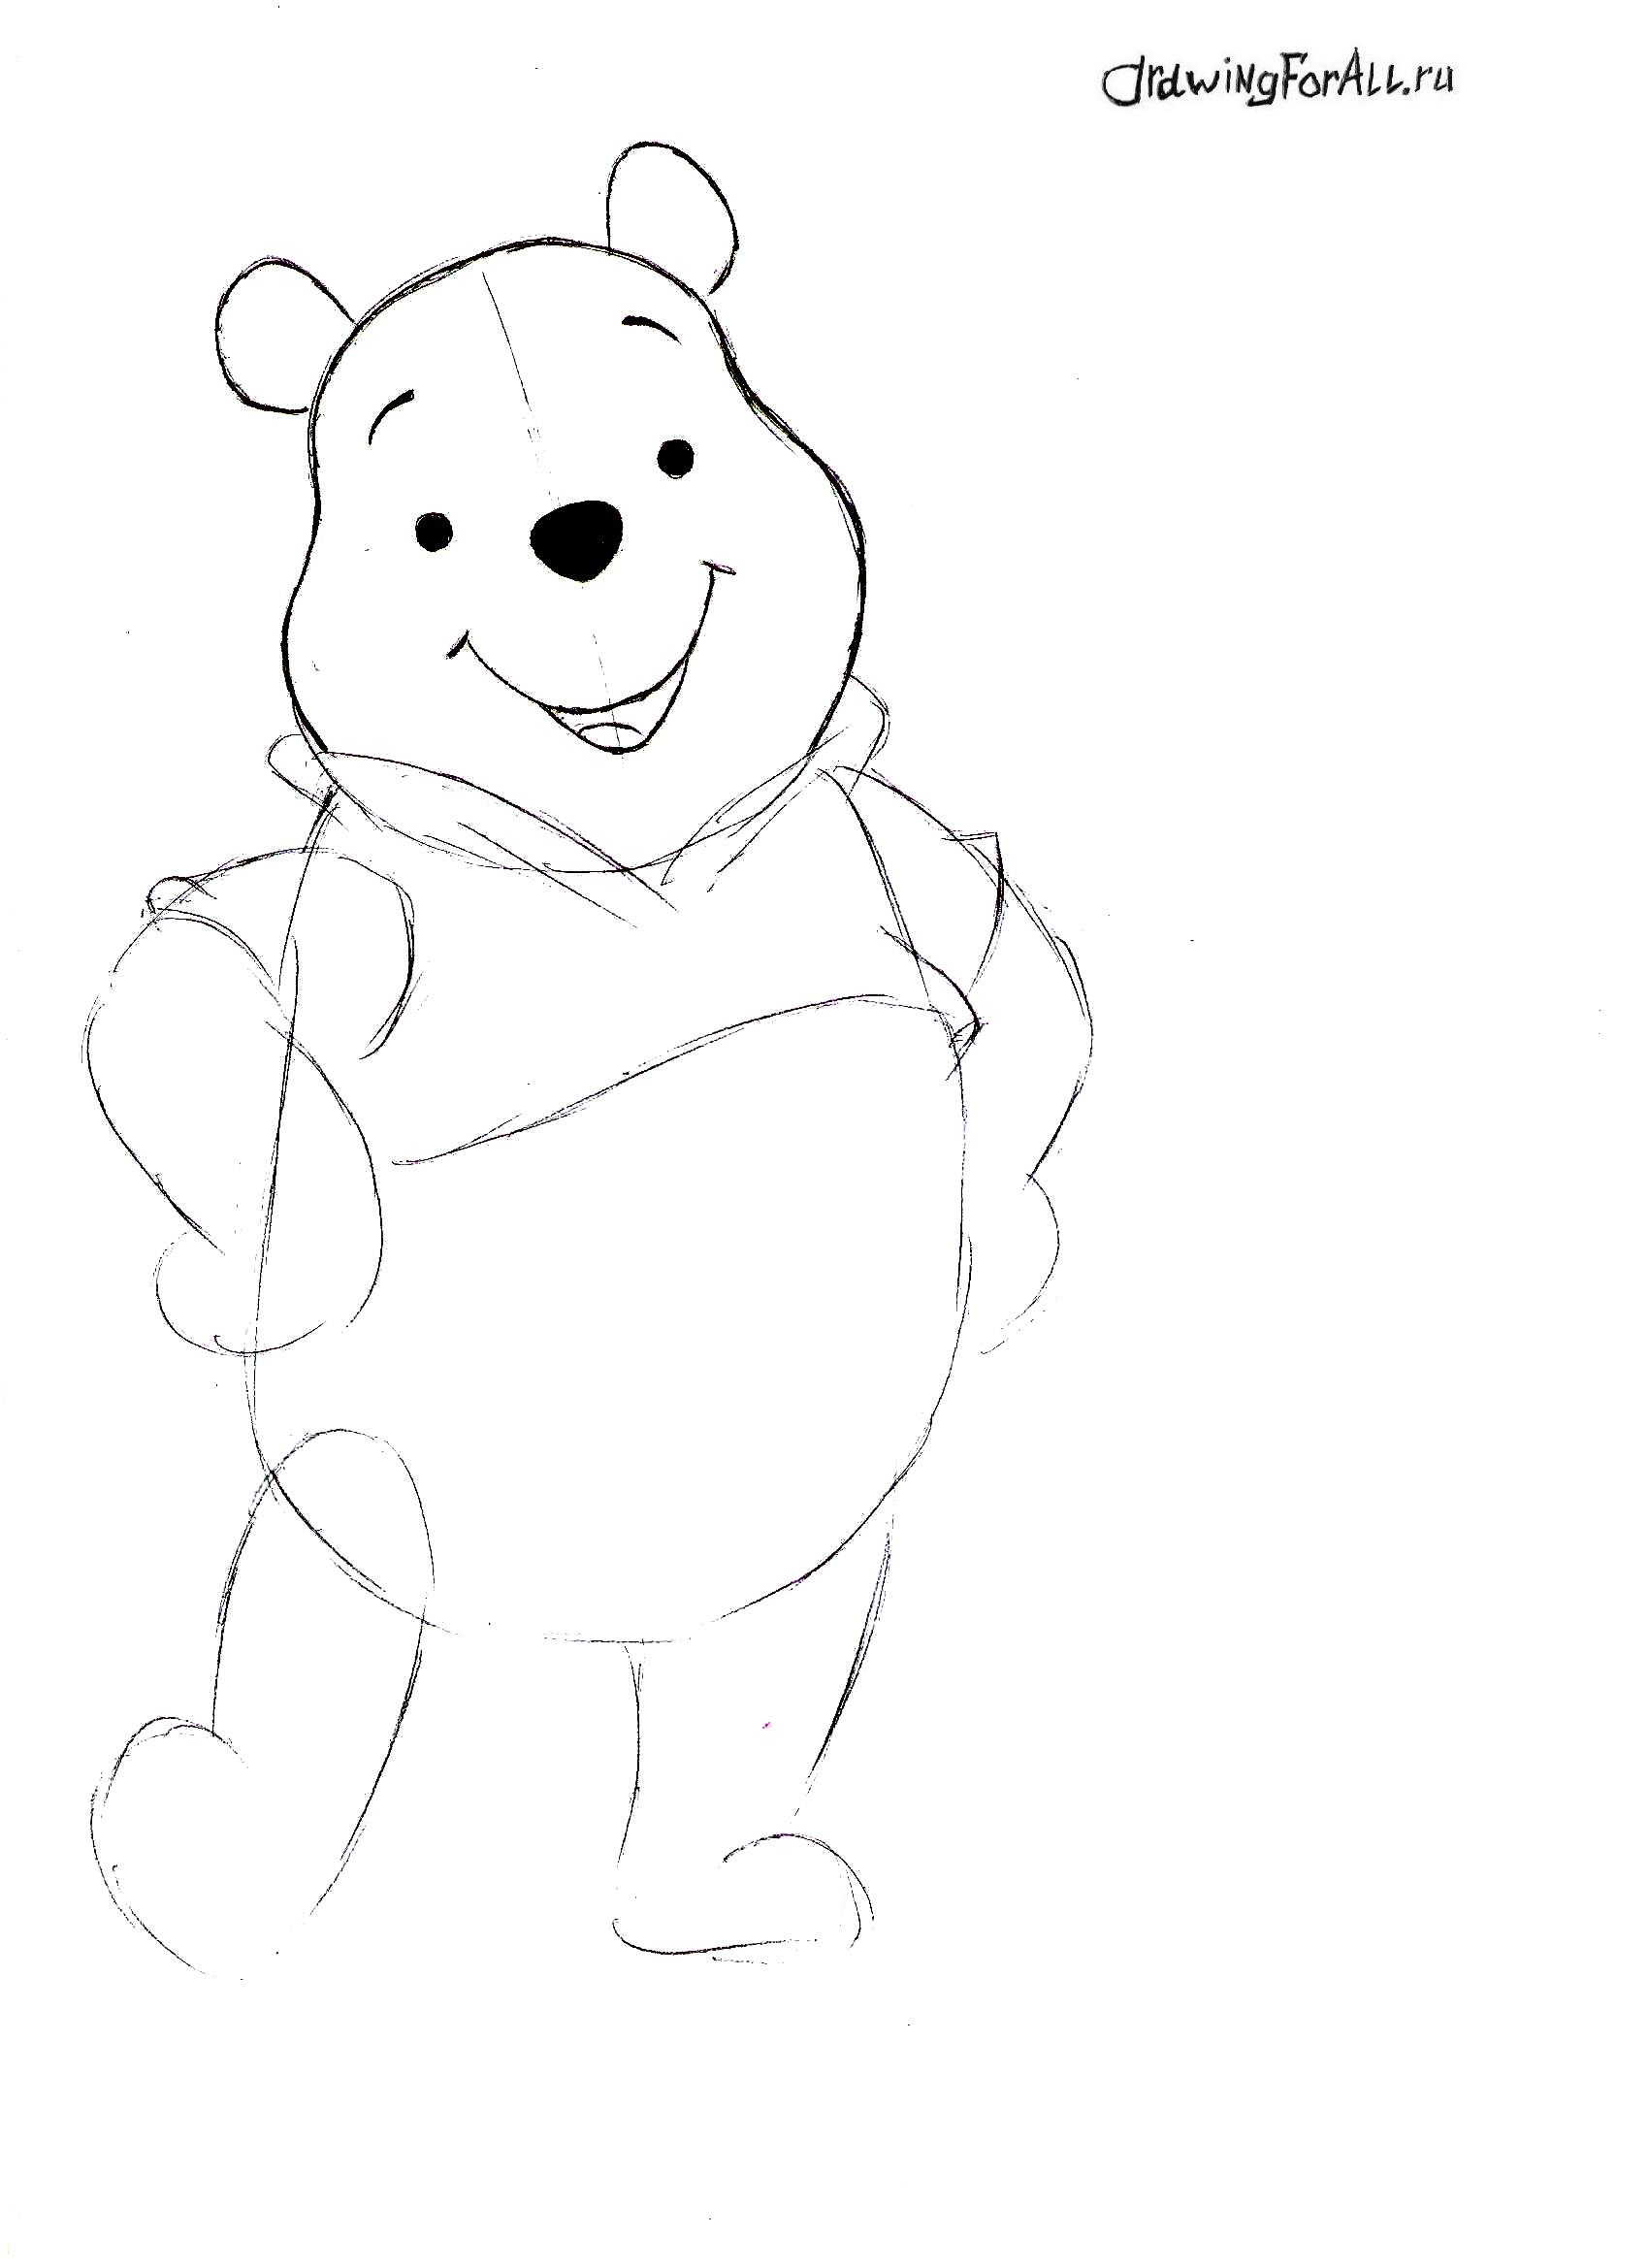 Как нарисовать Винни-Пуха